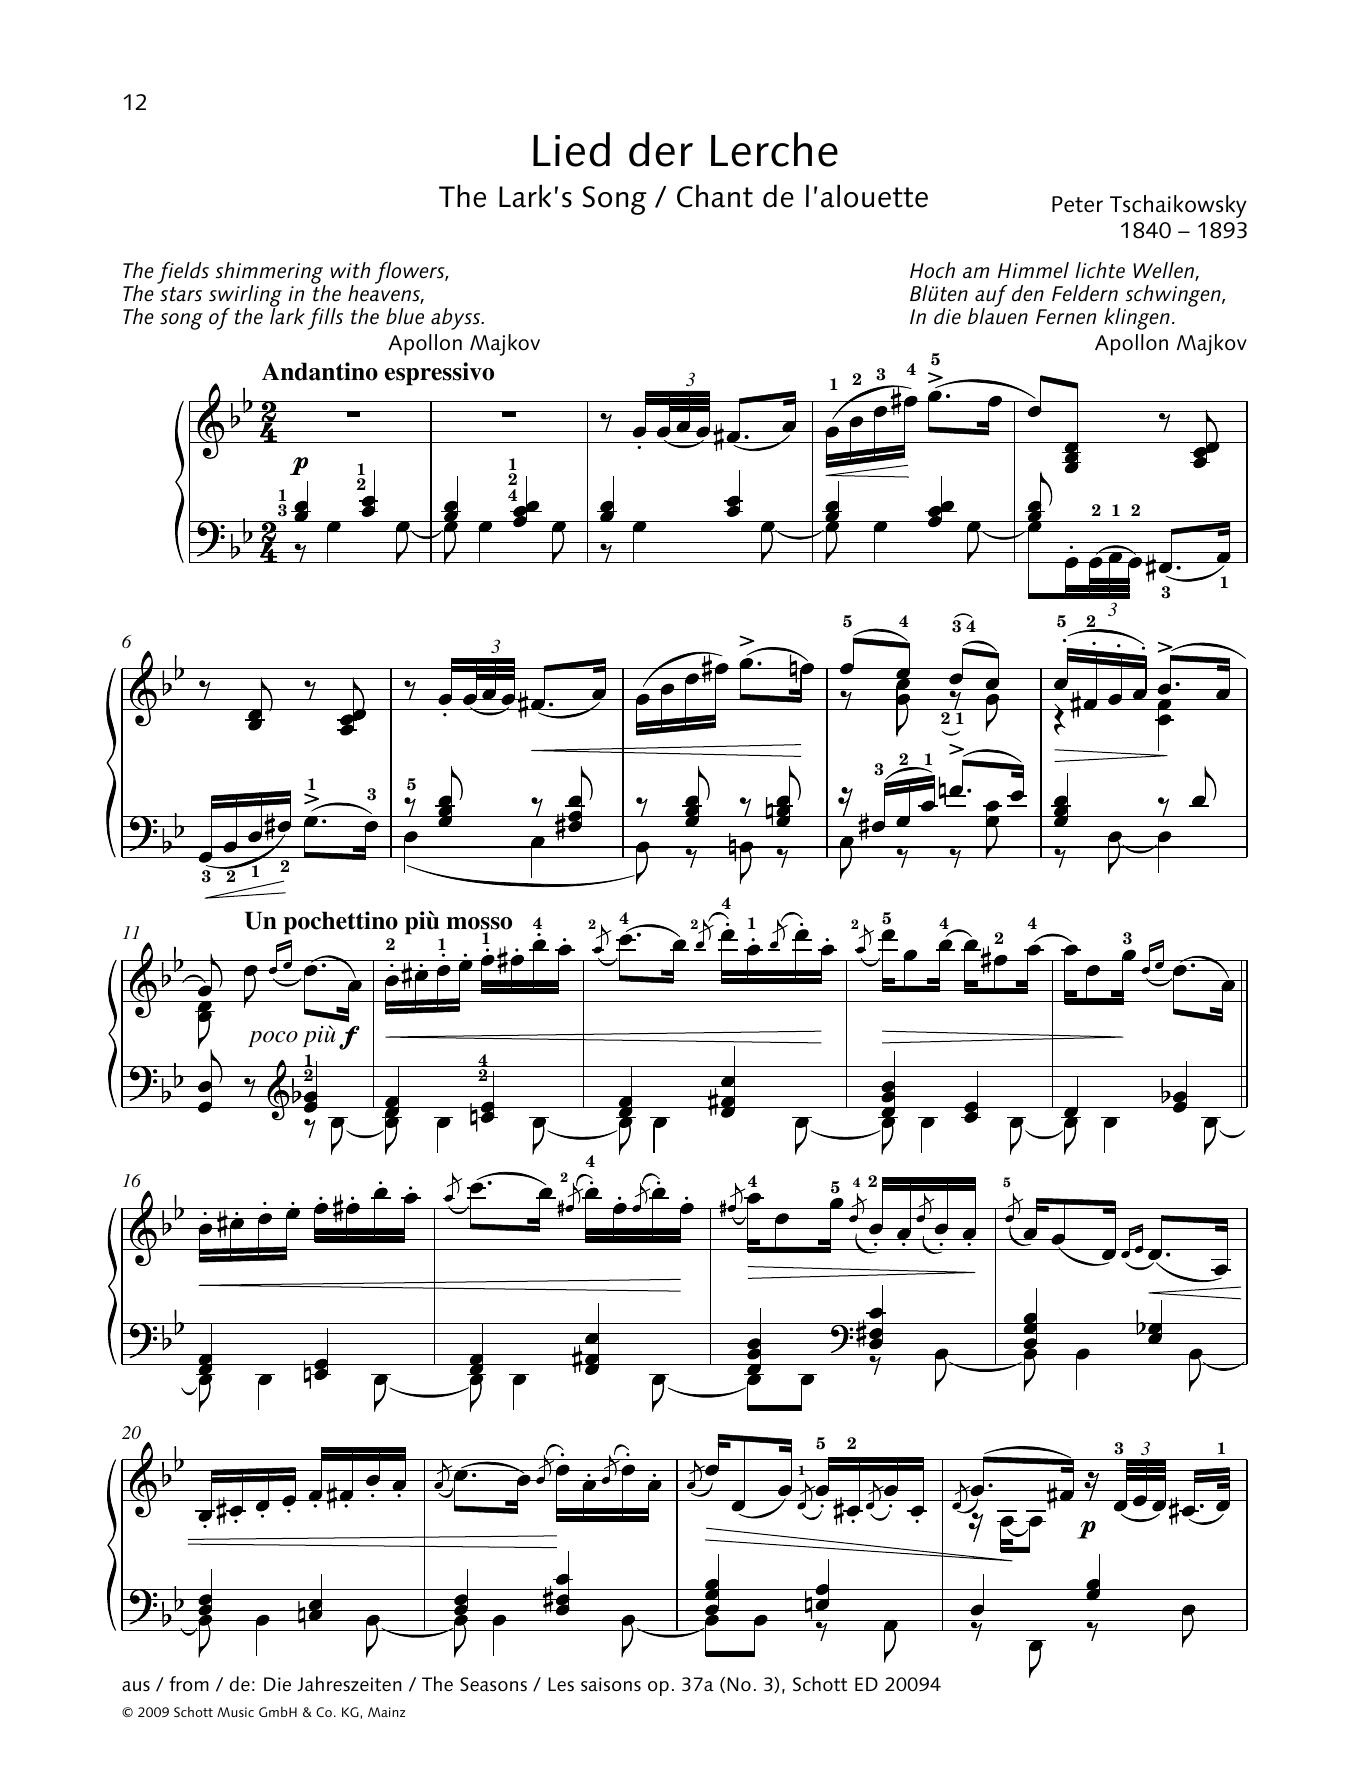 The Lark's Song Sheet Music